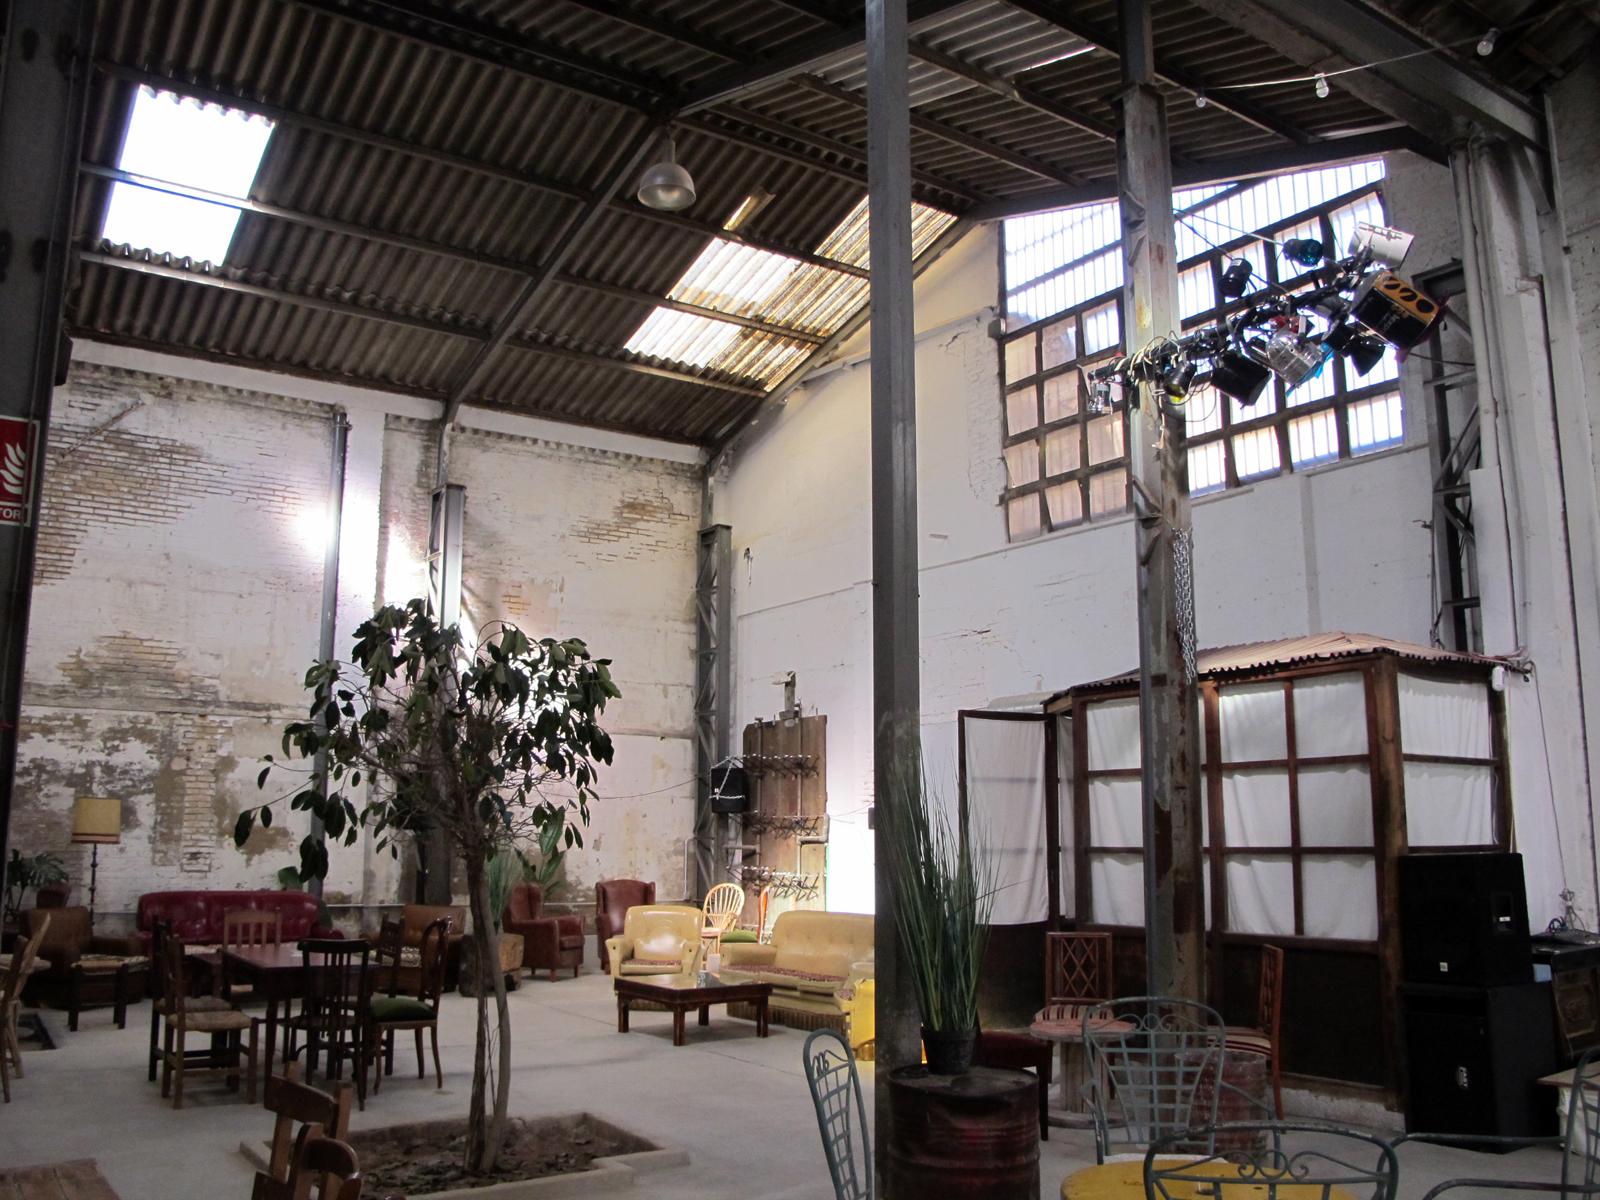 La f brica de hielo a na cultura y gastronom a en el cabanyal - Fabrica de lamparas en valencia ...